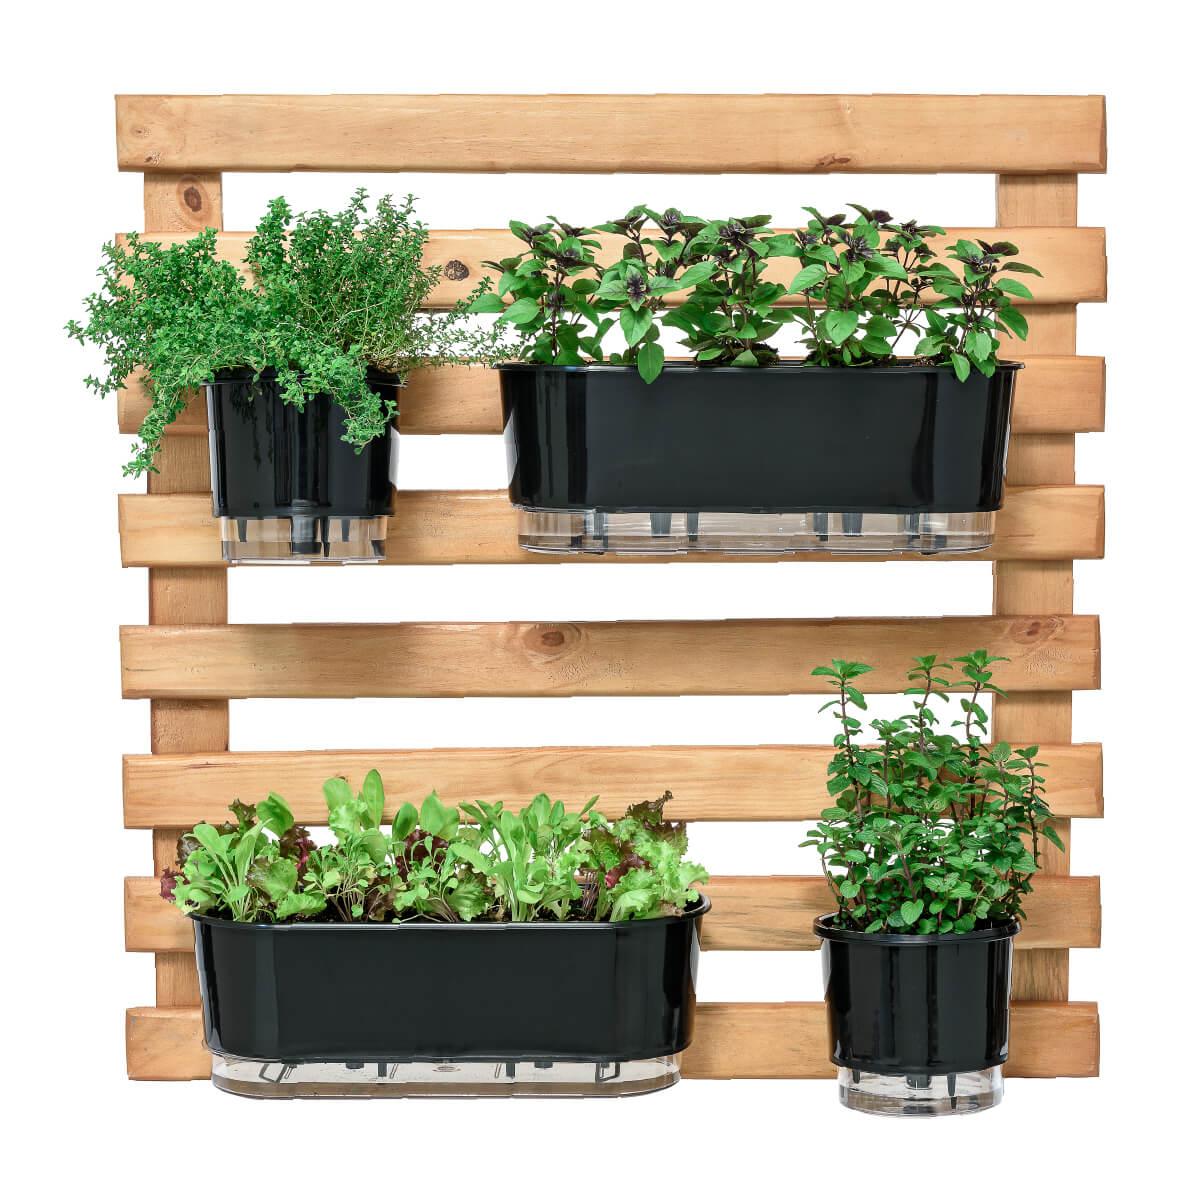 Horta Vertical Caramelo 80cm x 80cm com 2 Vasos e 2 Jardineiras  - Loja Raiz